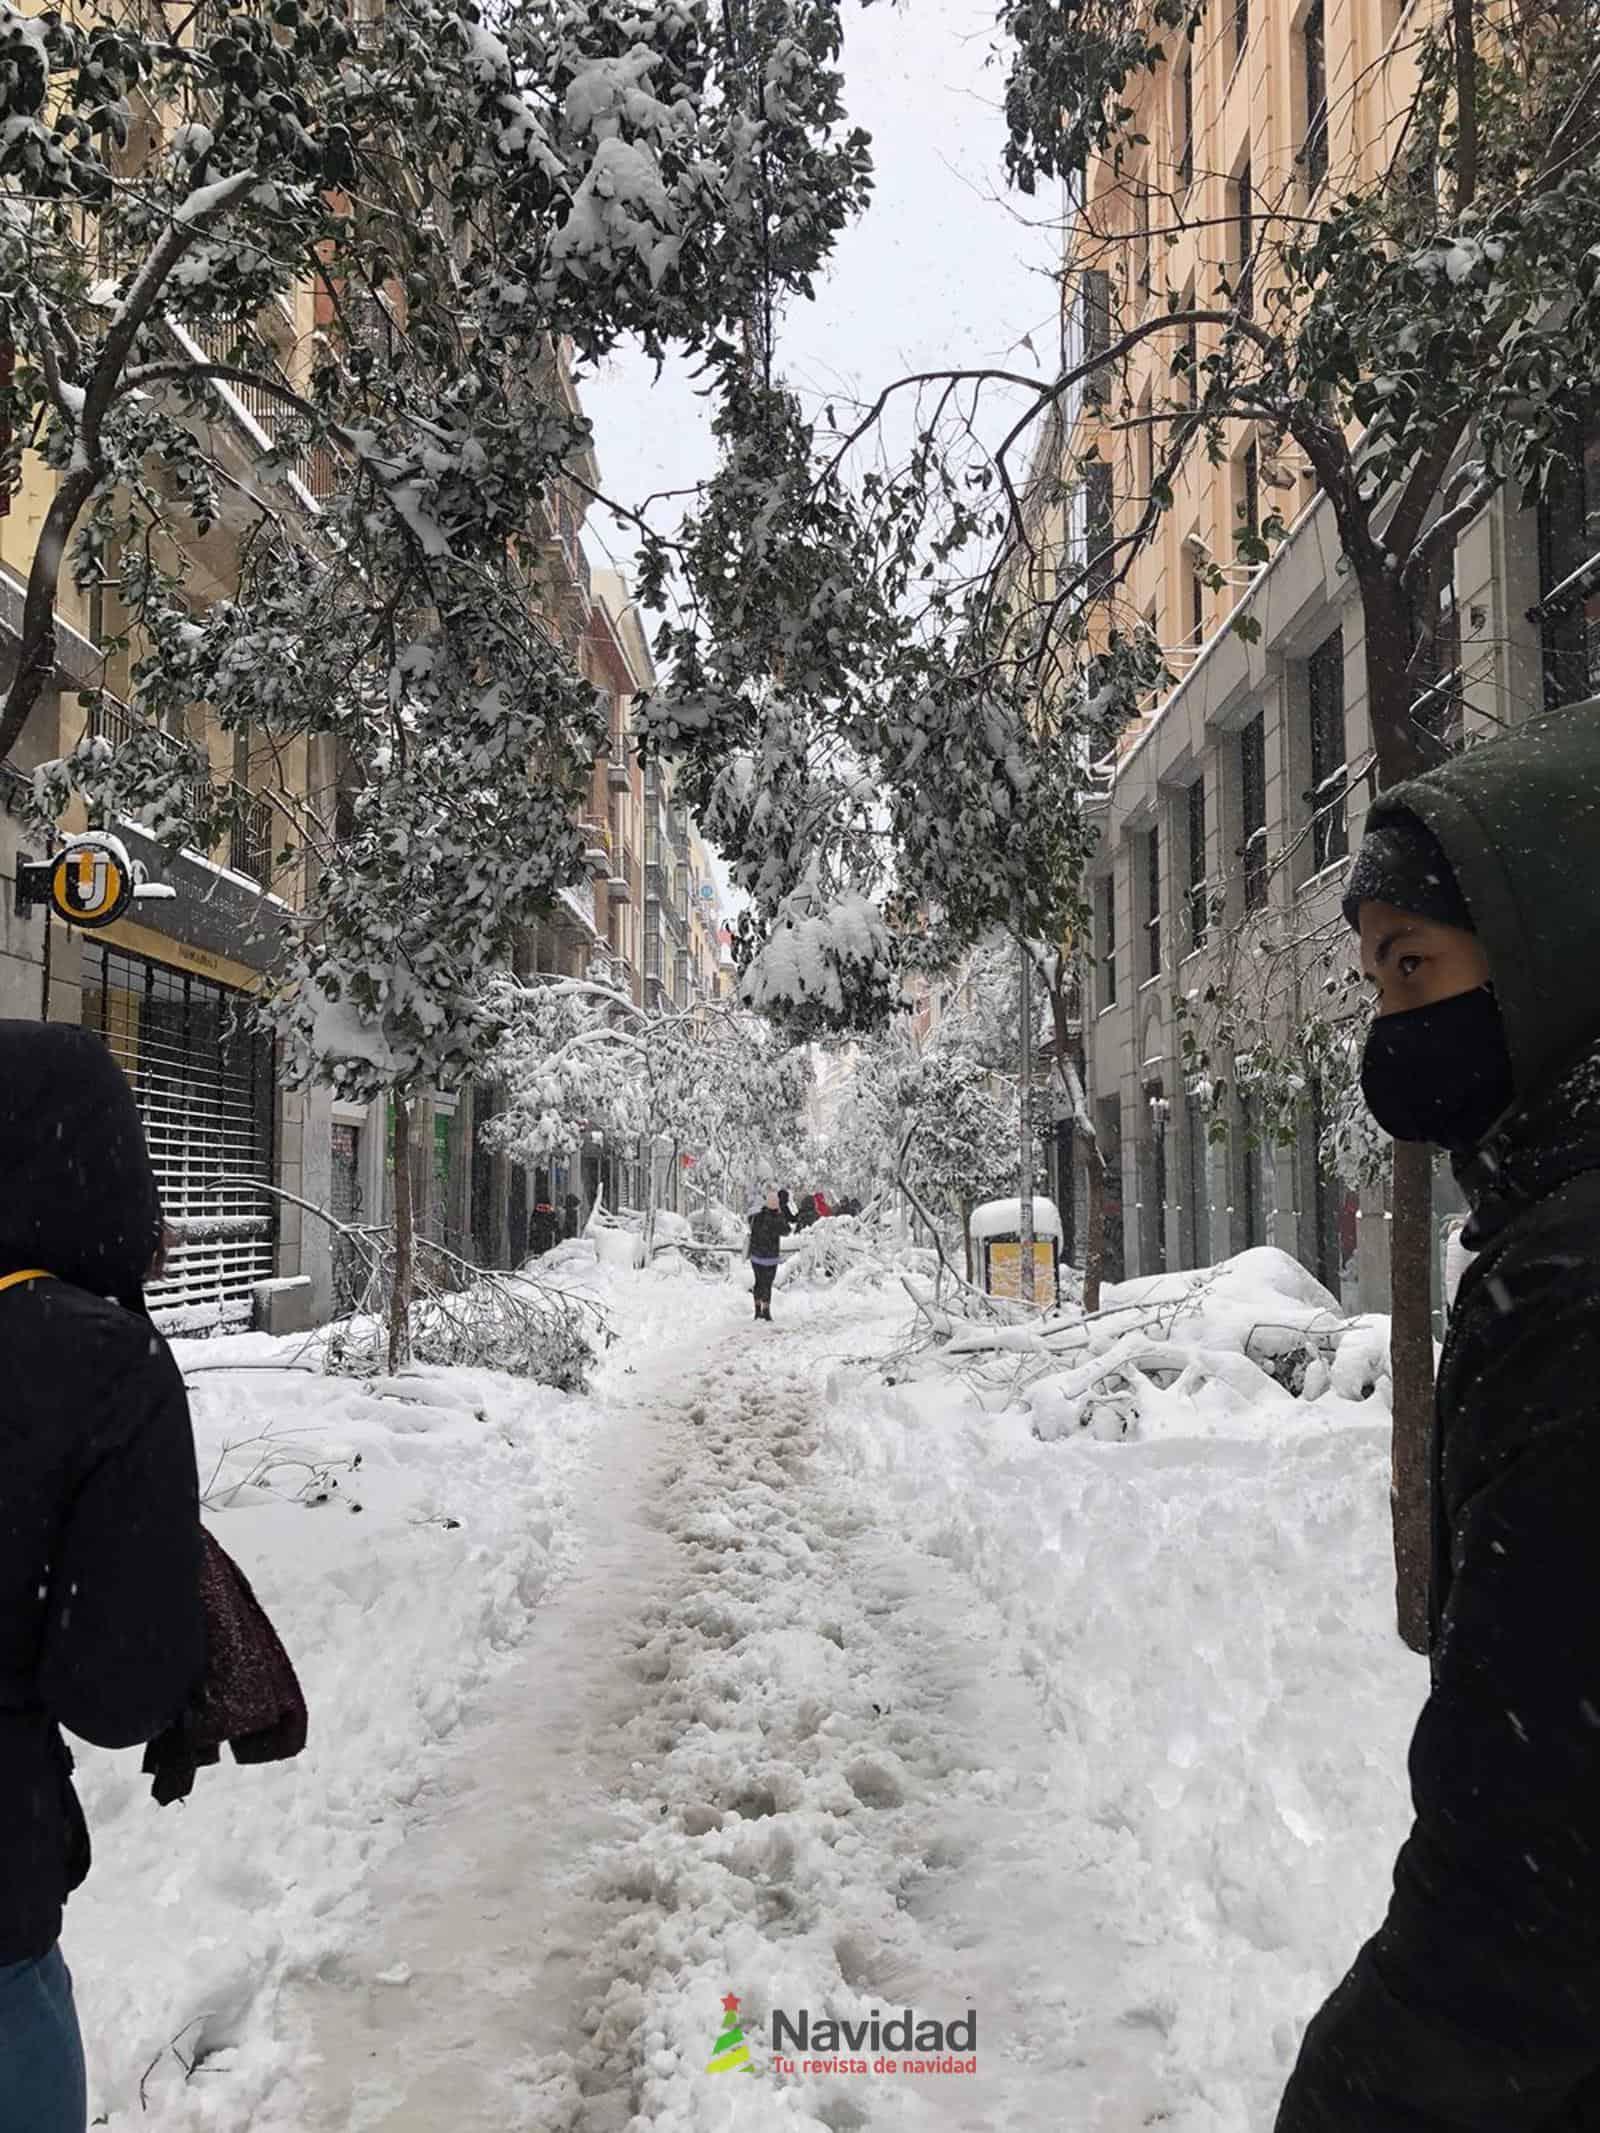 Fotografías de la nevada de enero en Madrid (España) 95